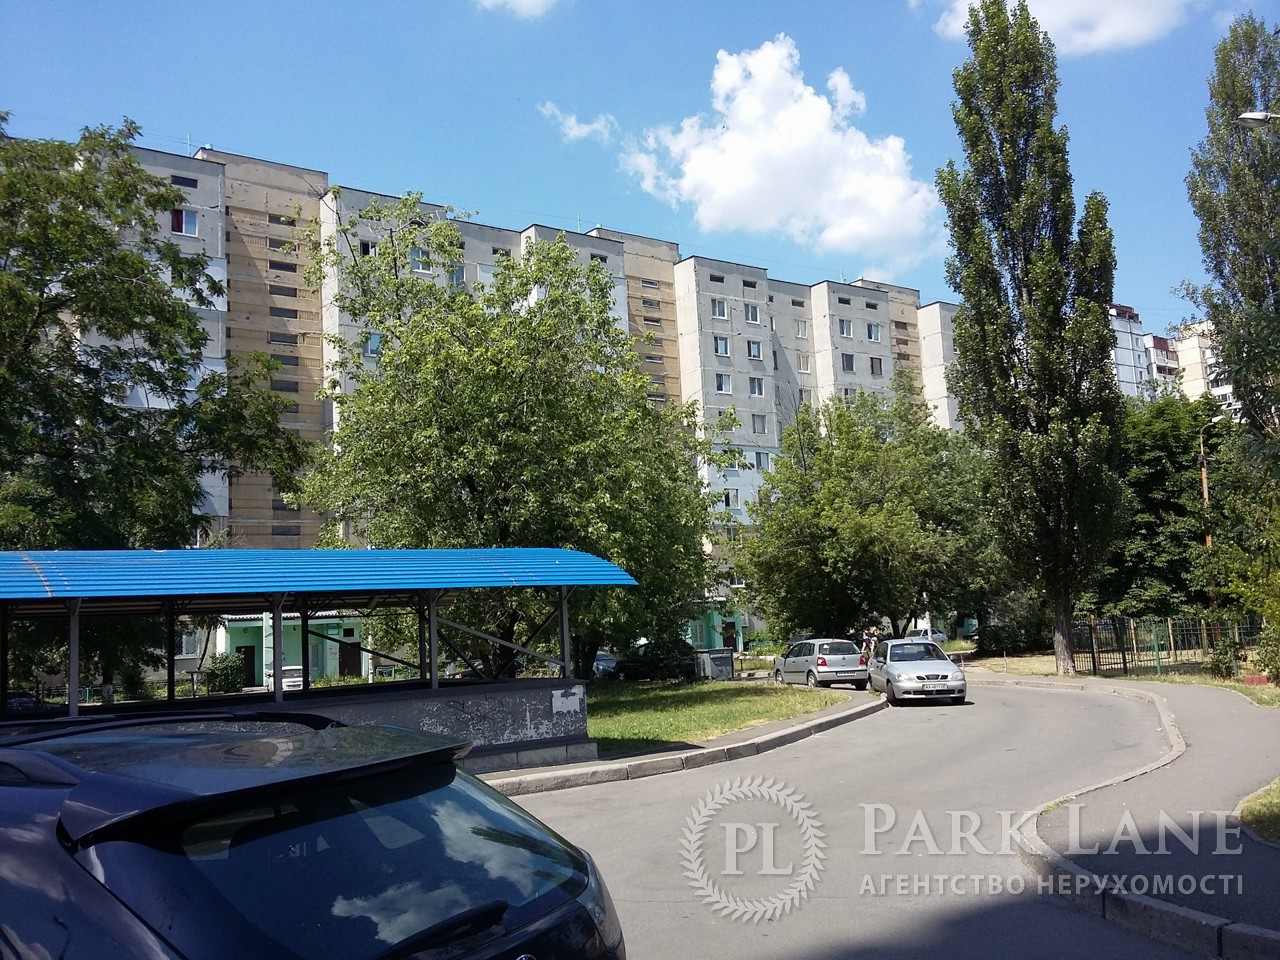 Квартира вул. Йорданська (Гавро Лайоша), 9г, Київ, R-12773 - Фото 1